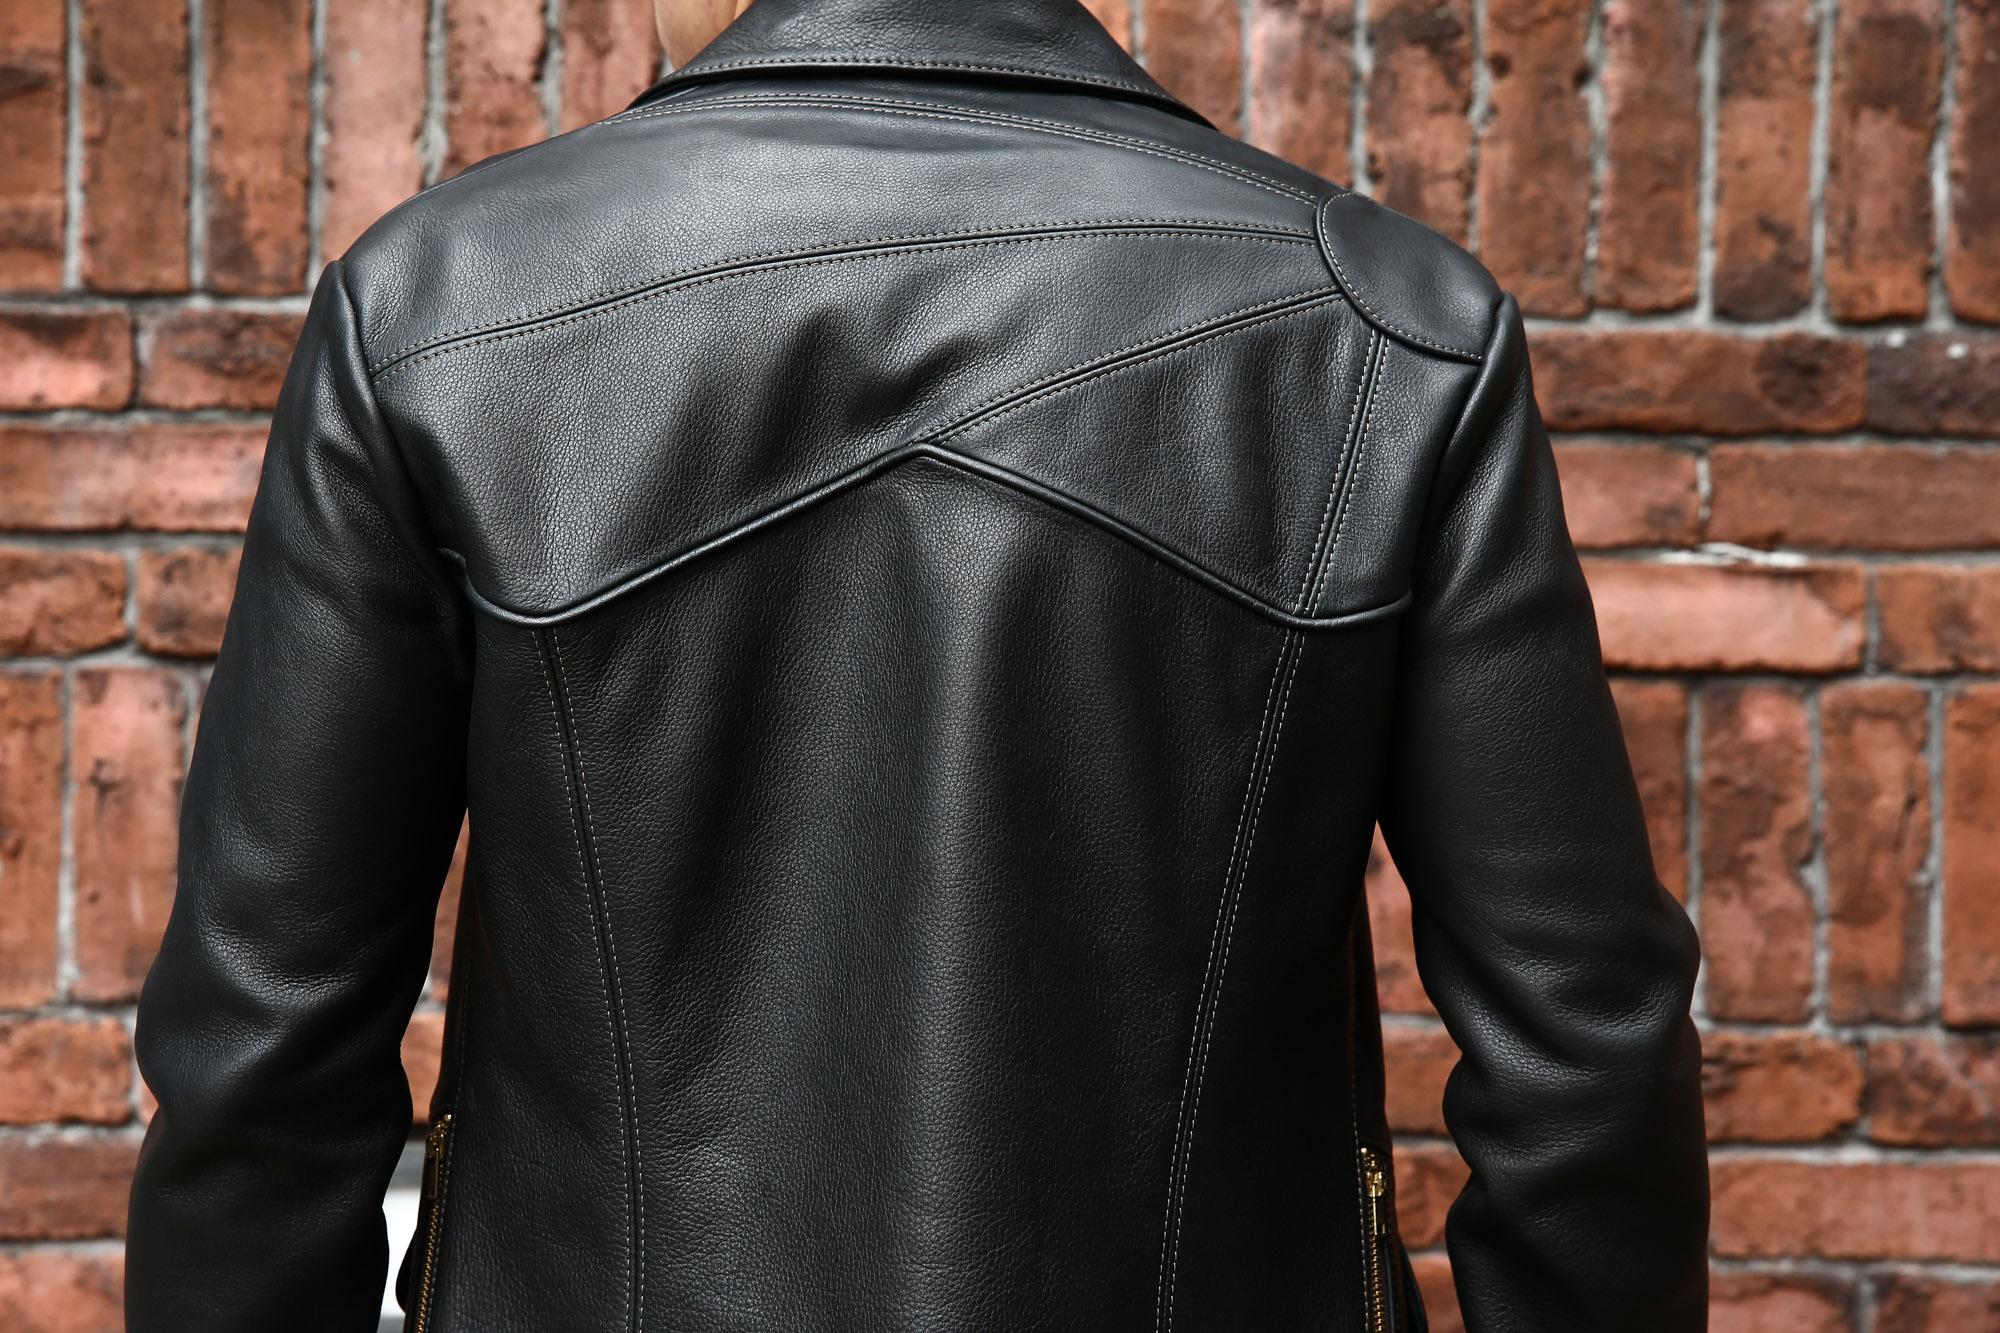 South Paradiso Leather(サウスパラディソレザー) East West イーストウエスト SMOKE スモーク レザージャケット BLACK(ブラック)  のコーディネート画像。右肩部分には太陽が描かれ抜群の存在感を放ち「East West」を語る上では欠かせないモデル。